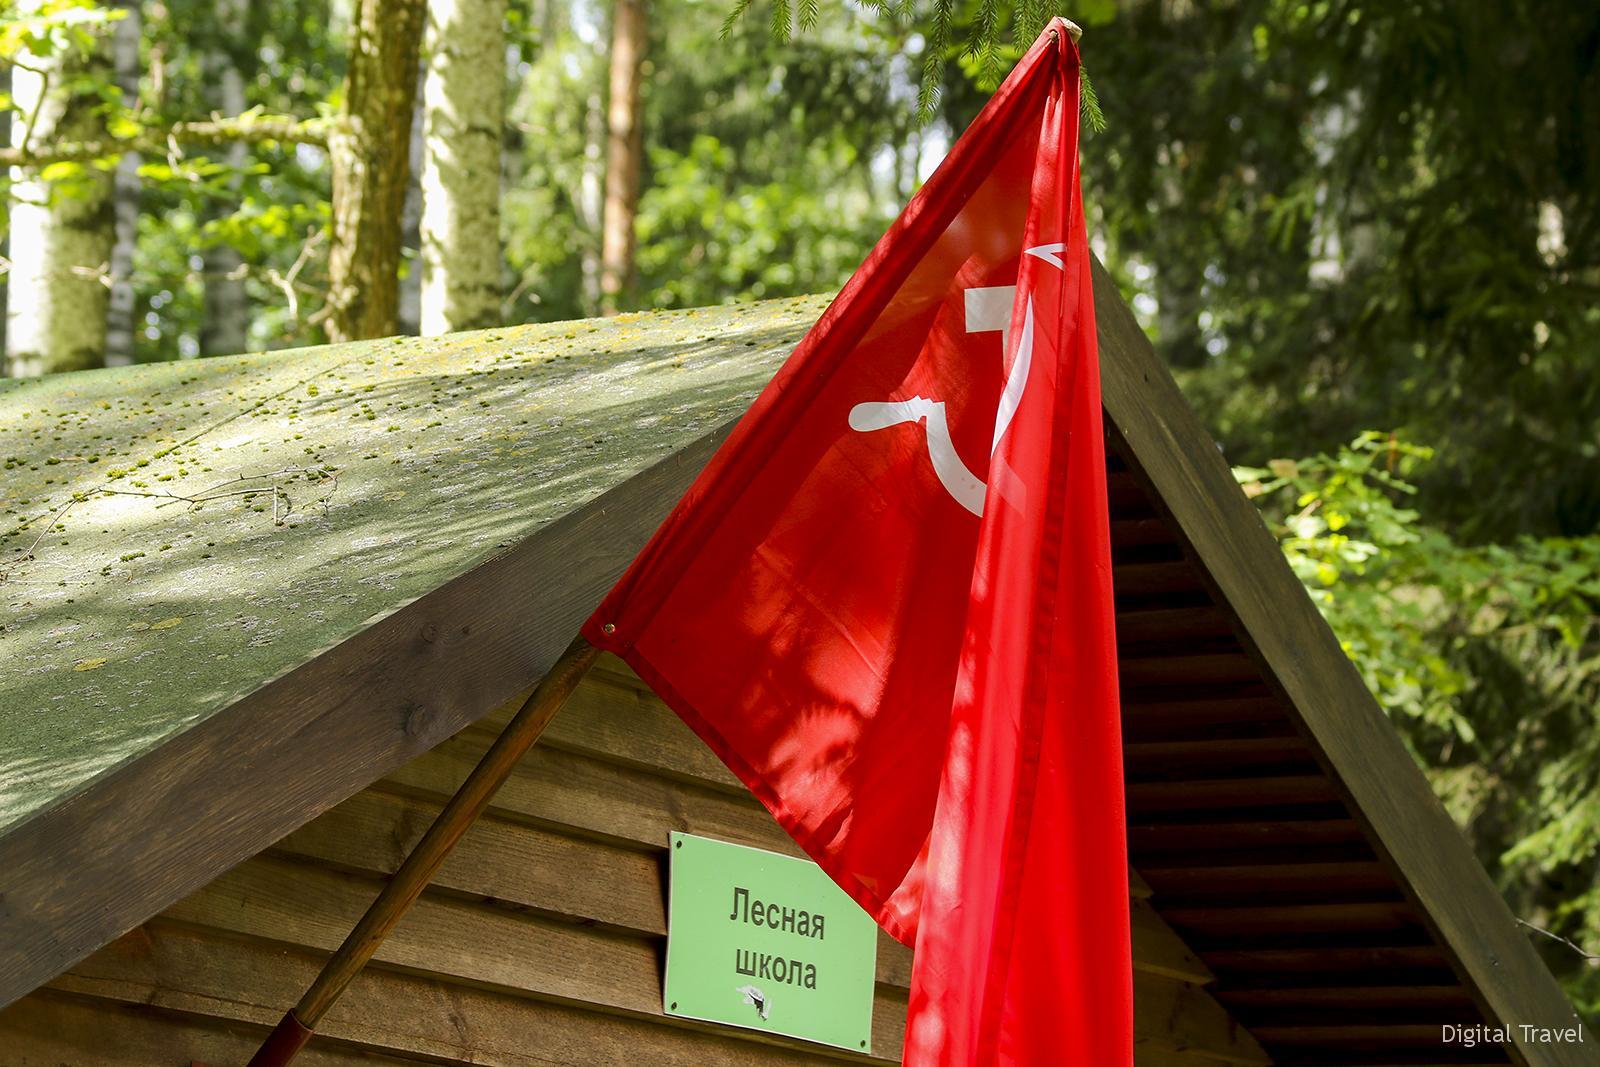 Партизанский лагерь в Центре экологического туризма в Станьково